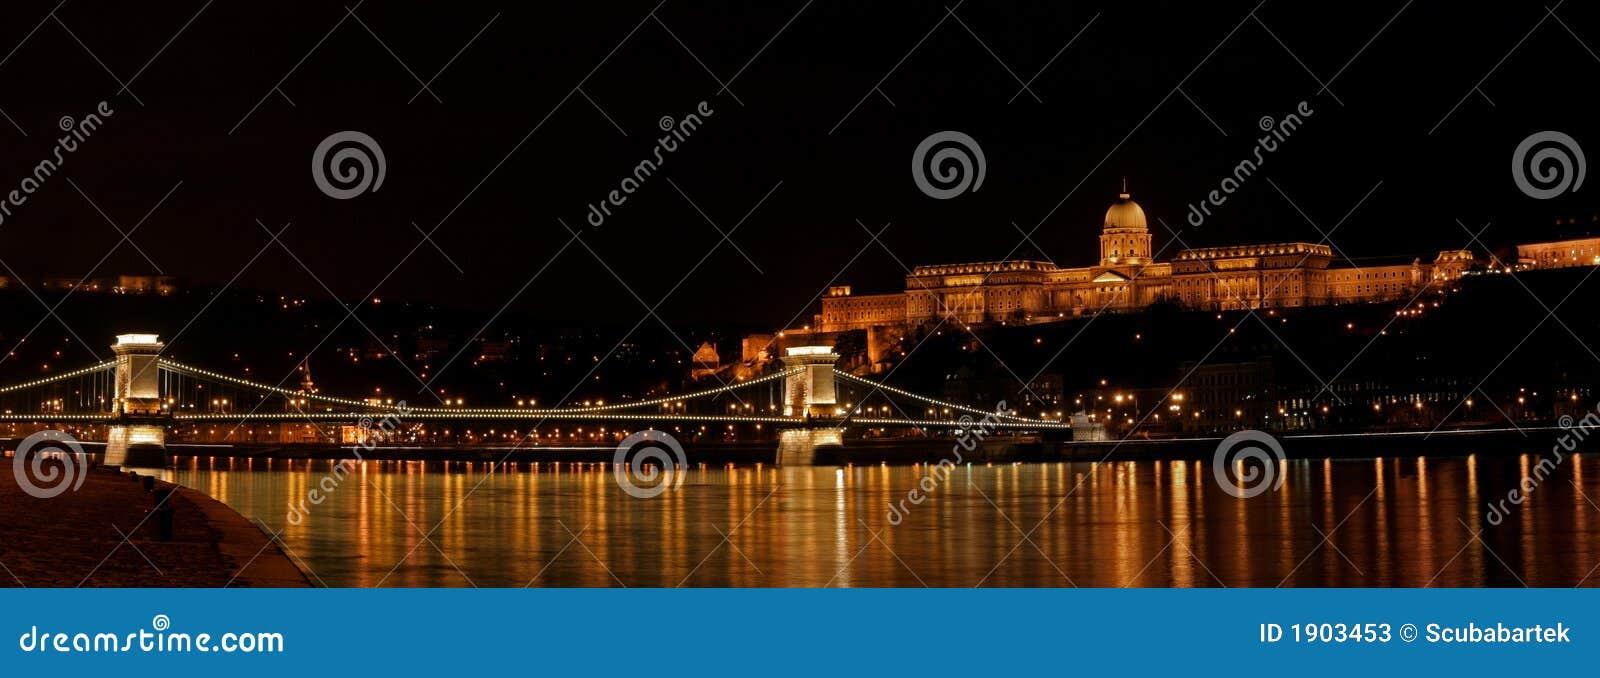 Buda castle and Szechenyi bridge